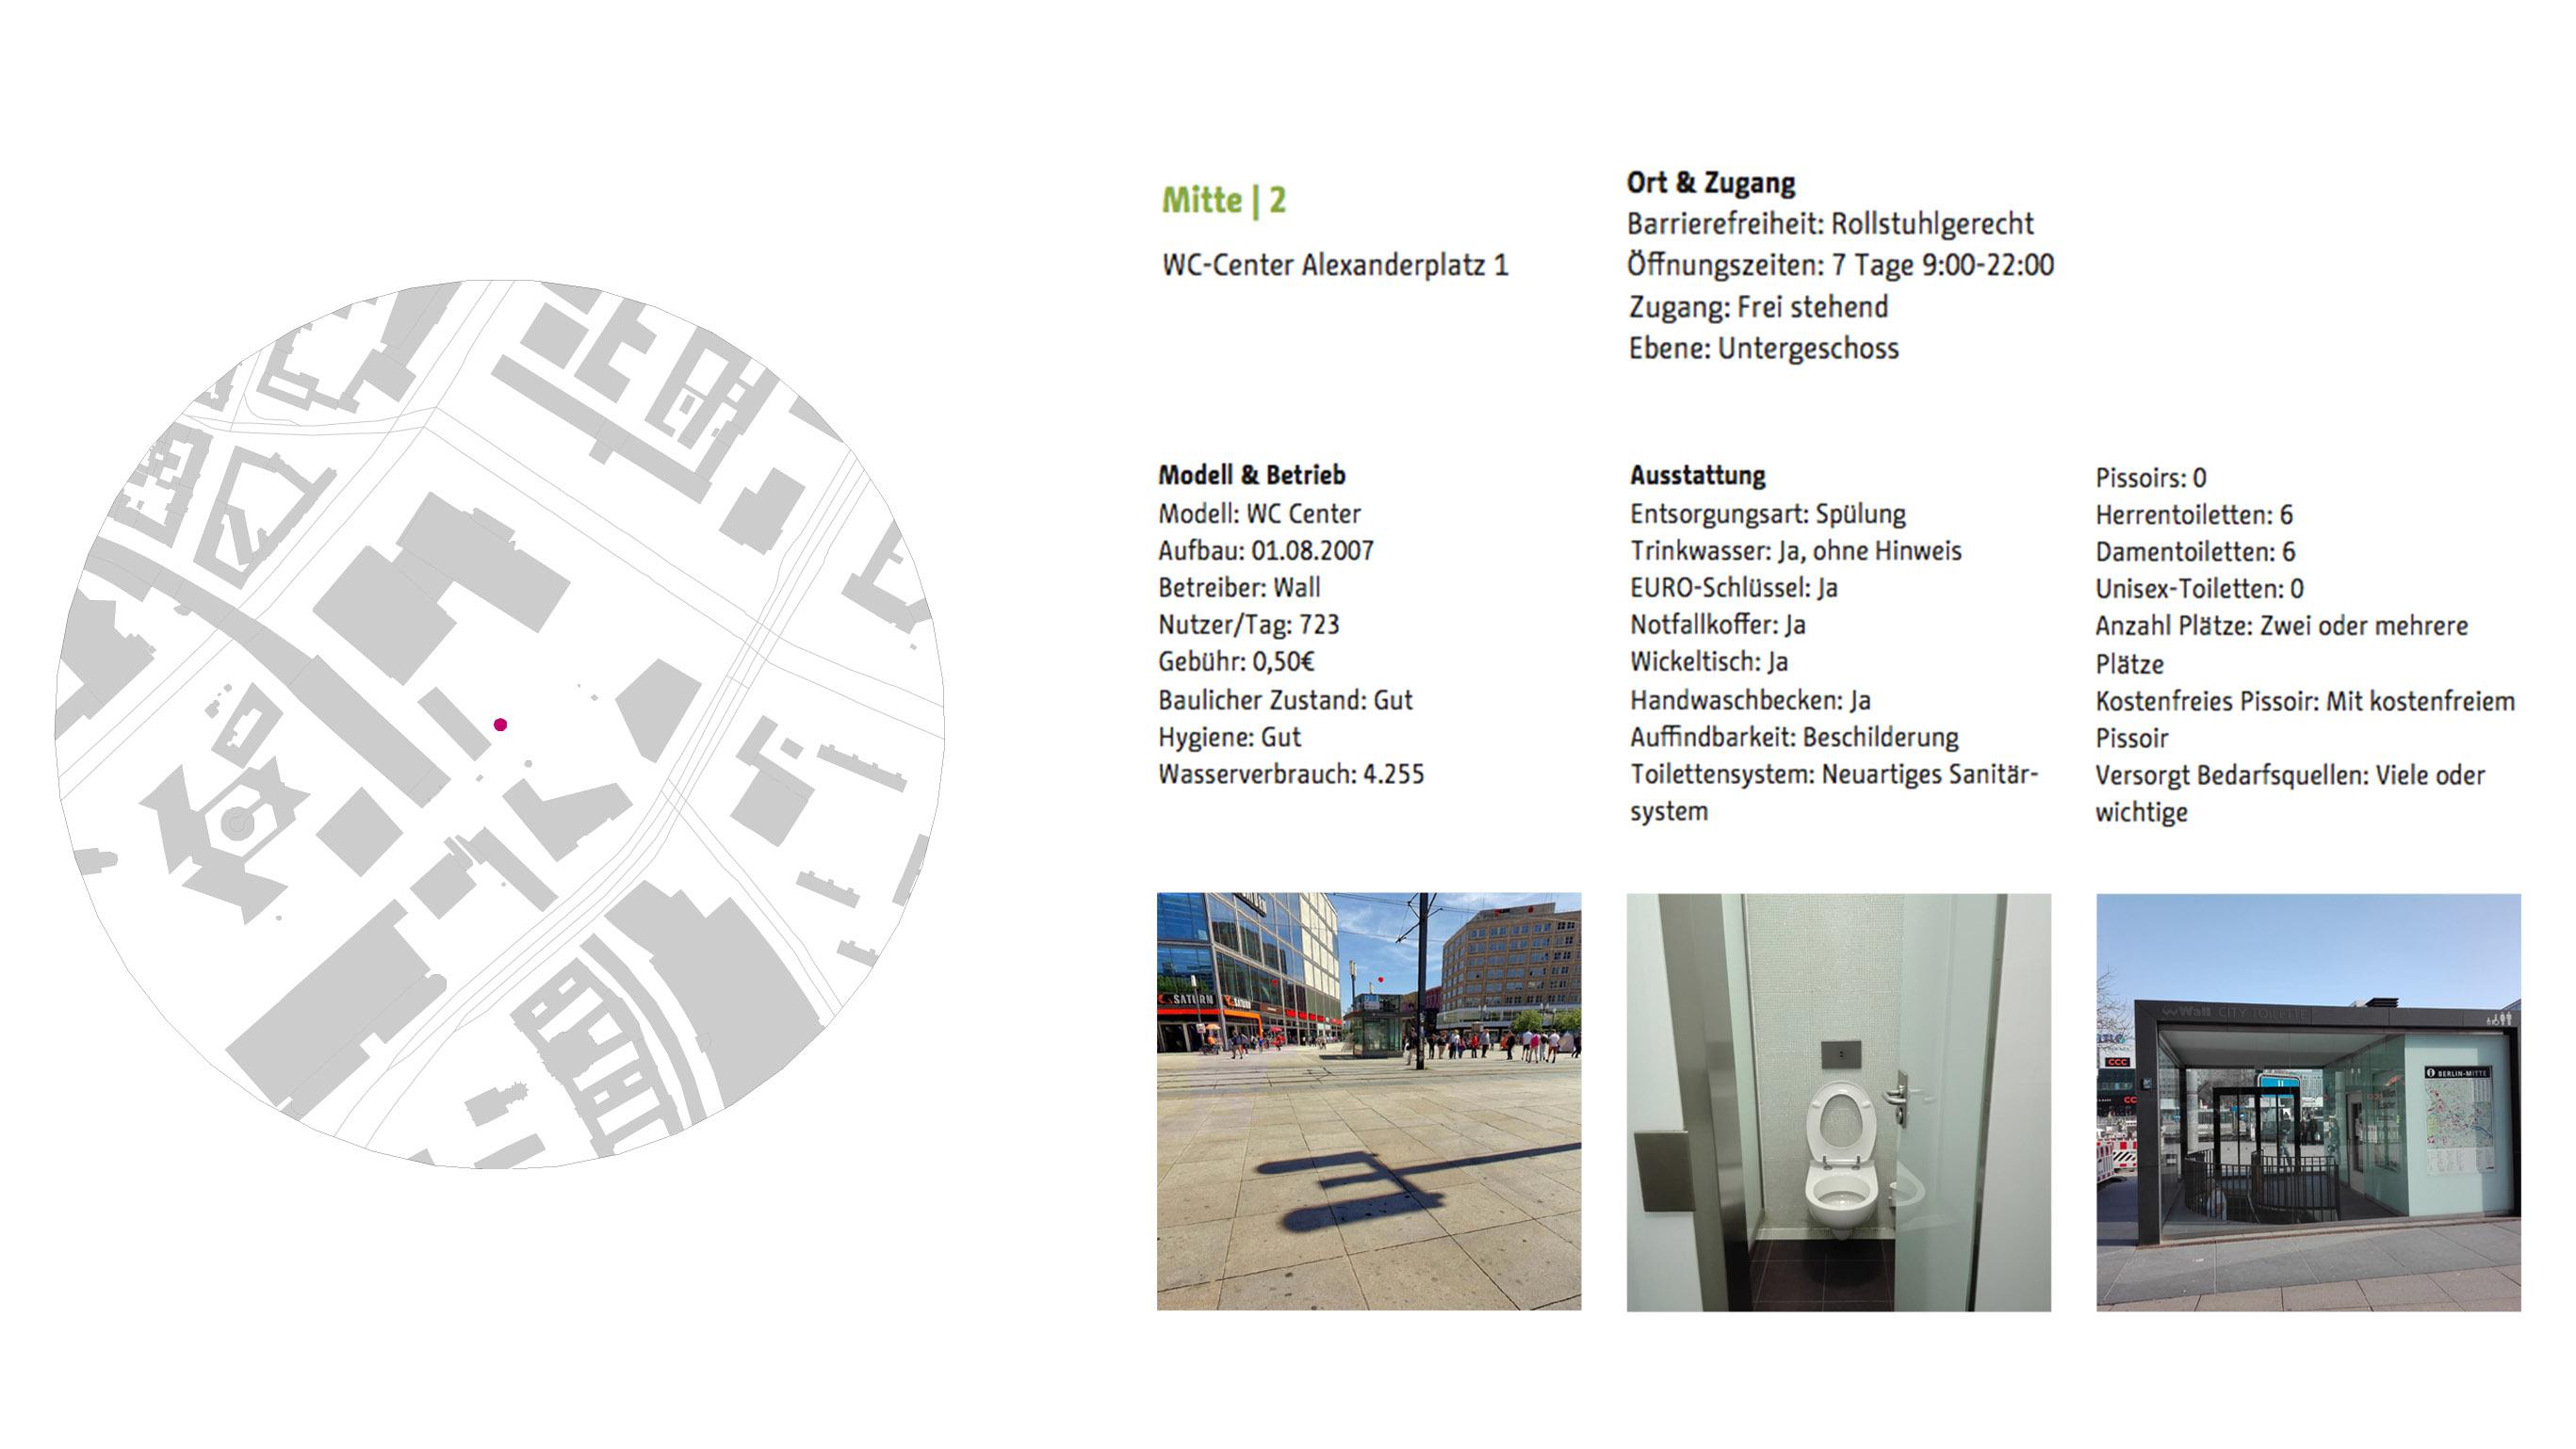 Öffentliche Toiletten für Berlin